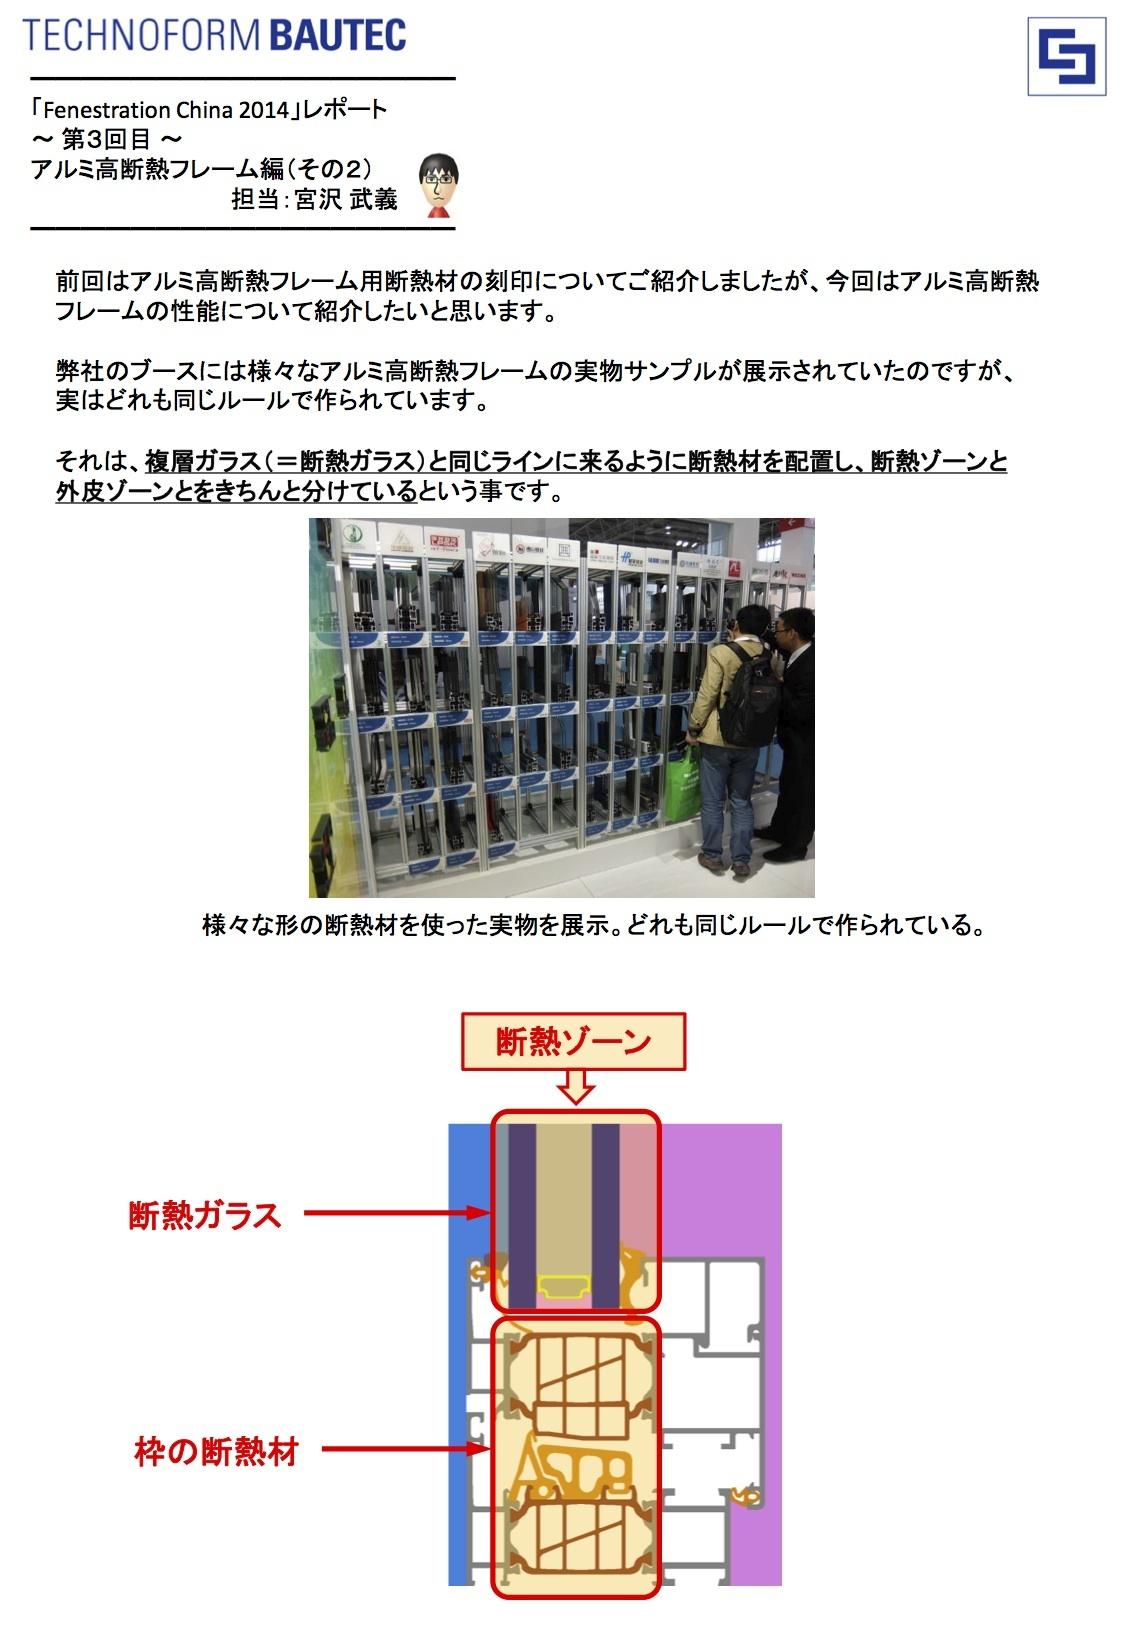 高断熱アルミ窓の結露は_e0054299_18302747.jpg